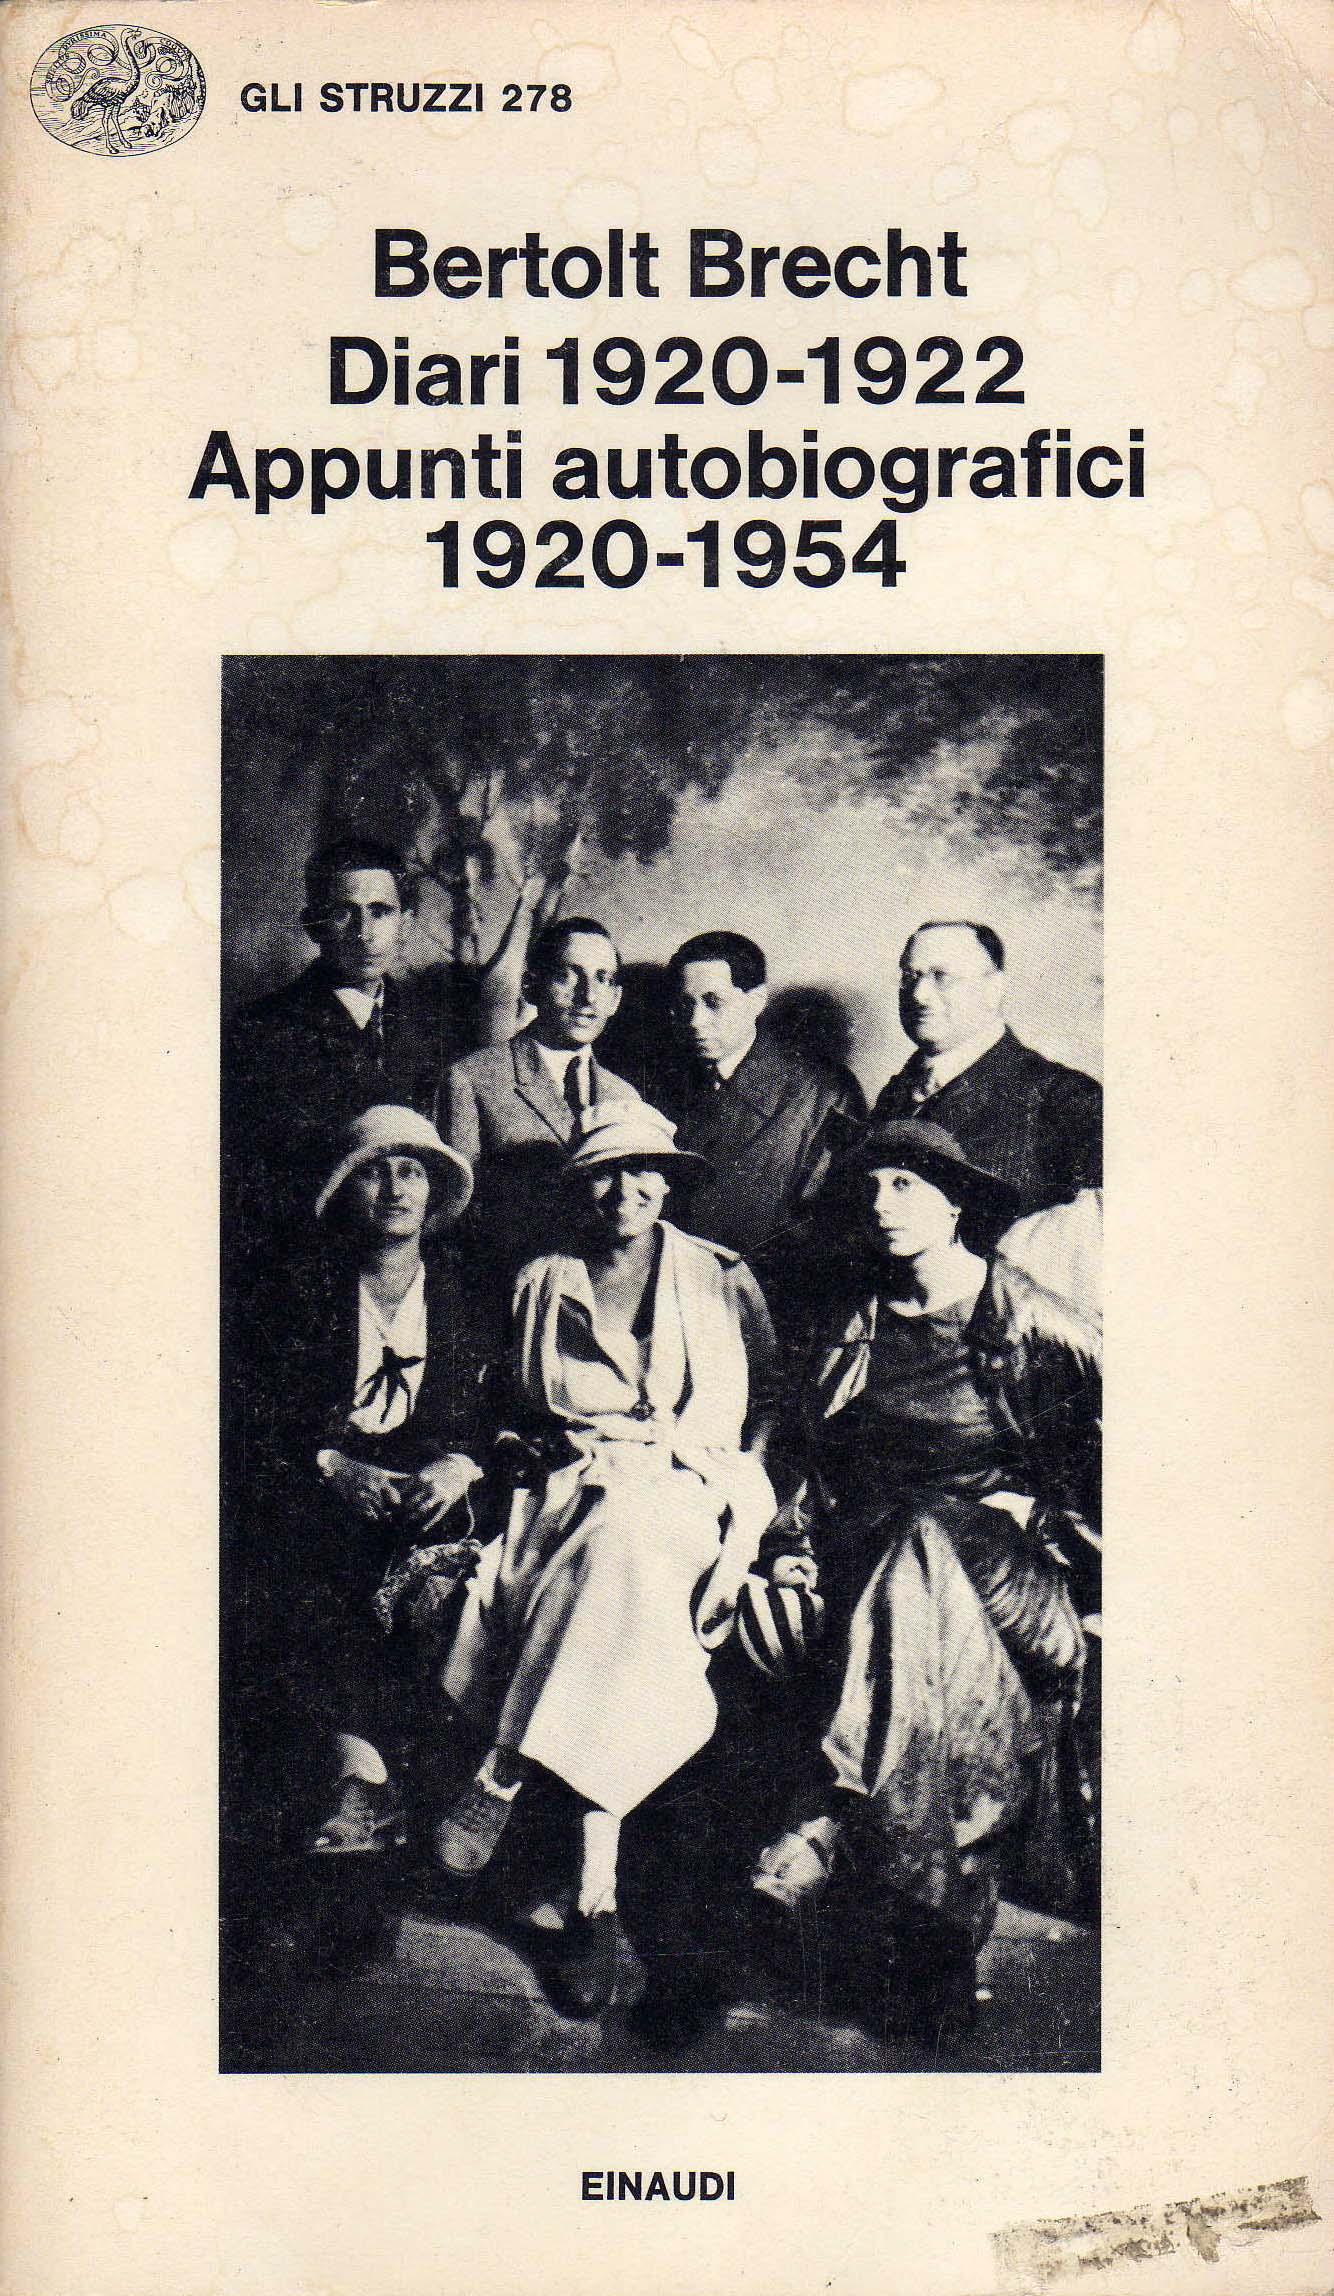 Diari 1920-1922 Appu...